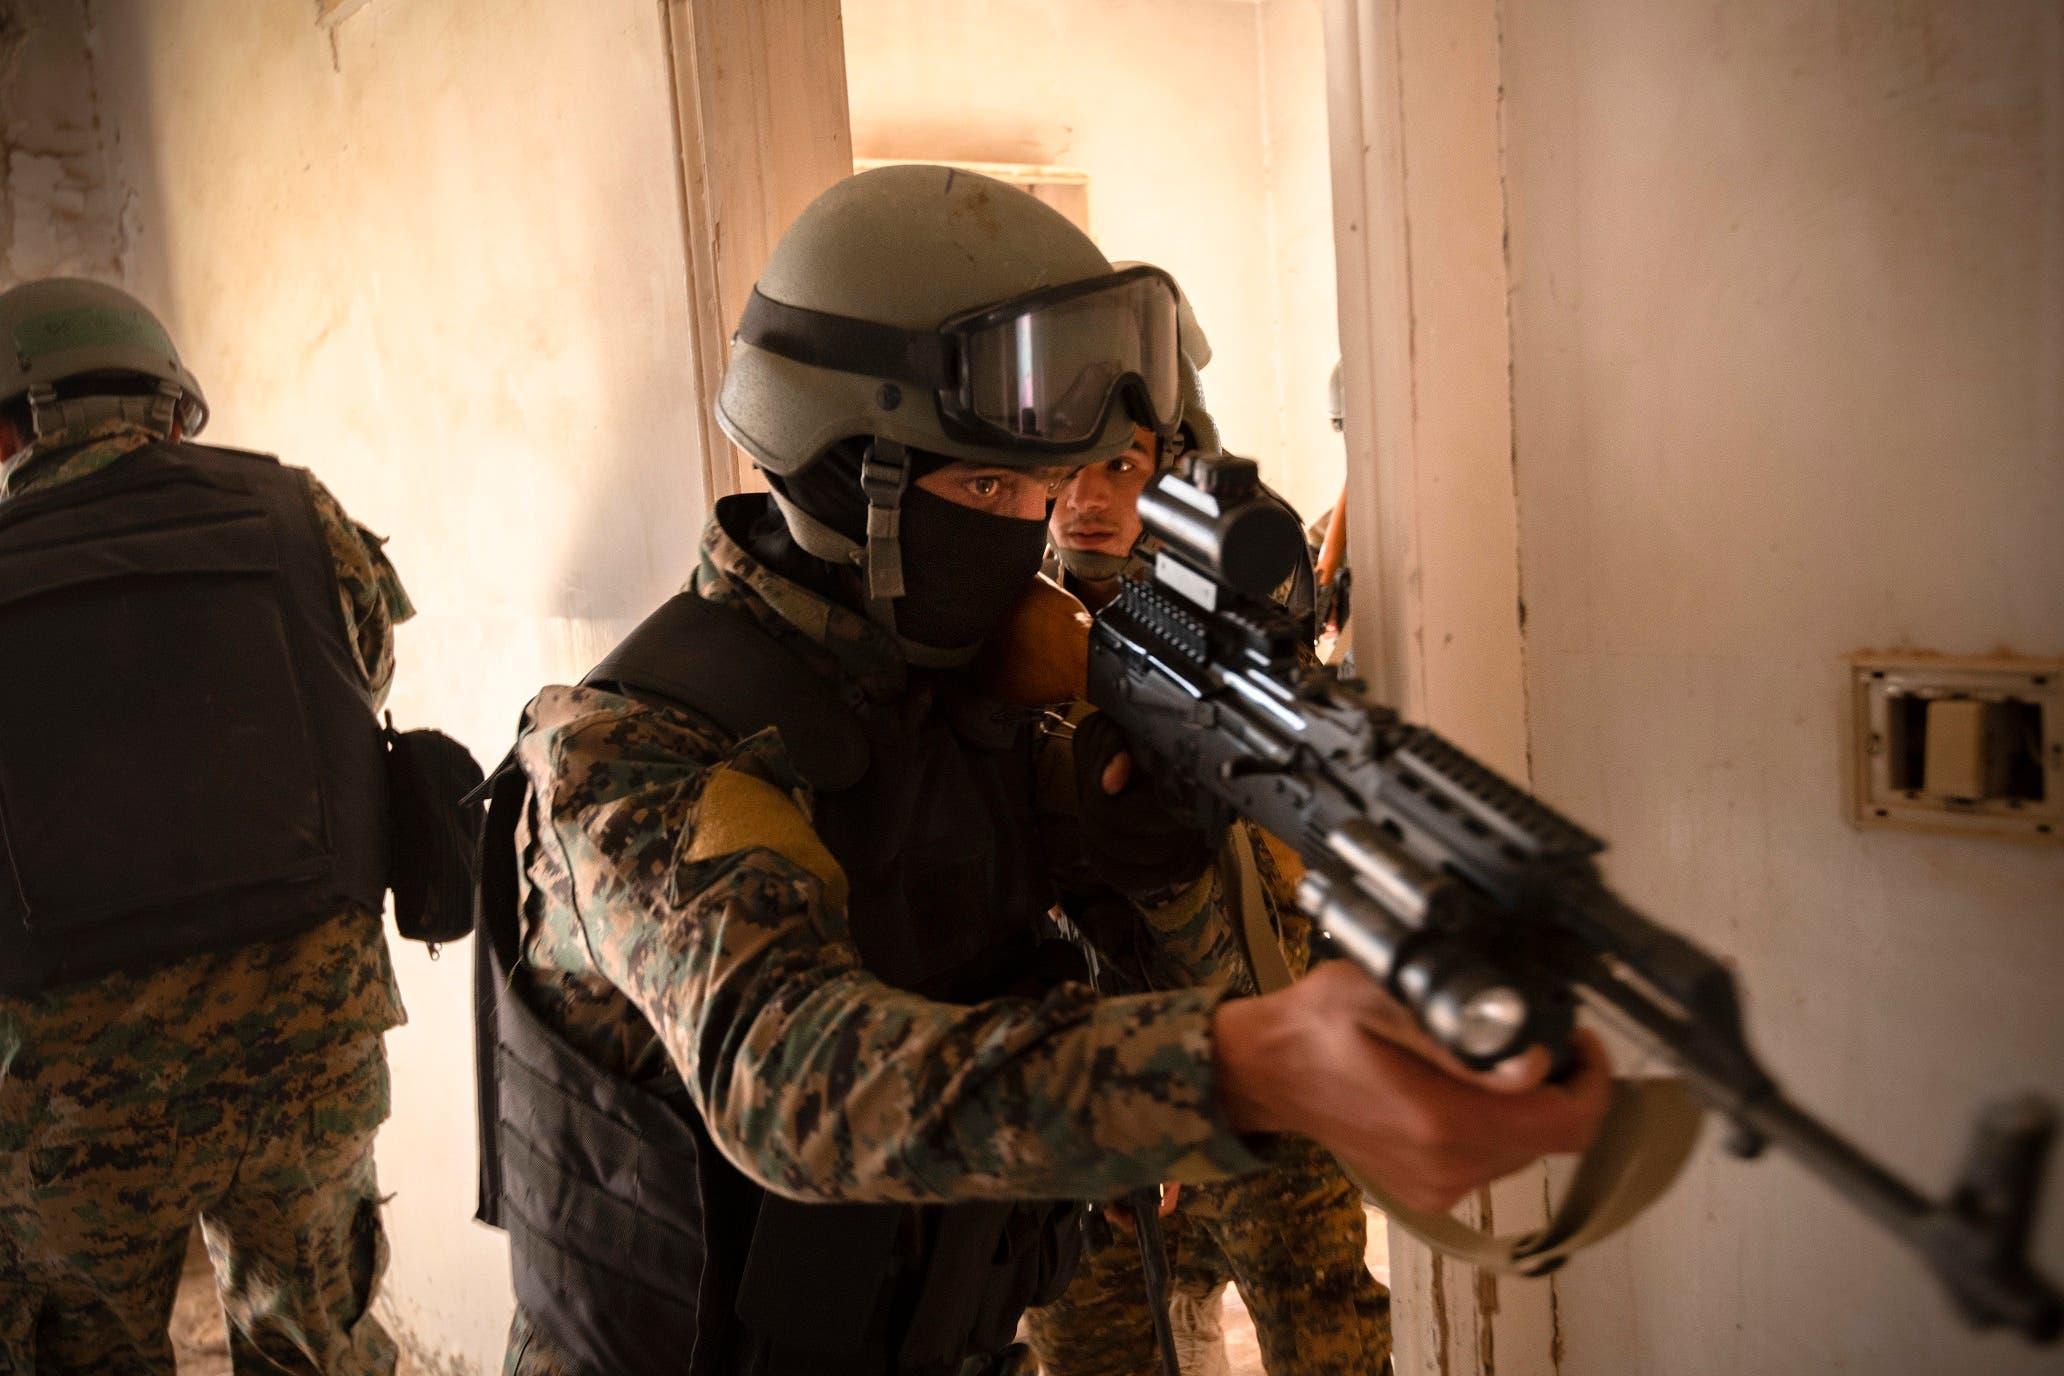 مشهد من مقتل البغدادي على أيدي القوات الأميركية عقب سنوات